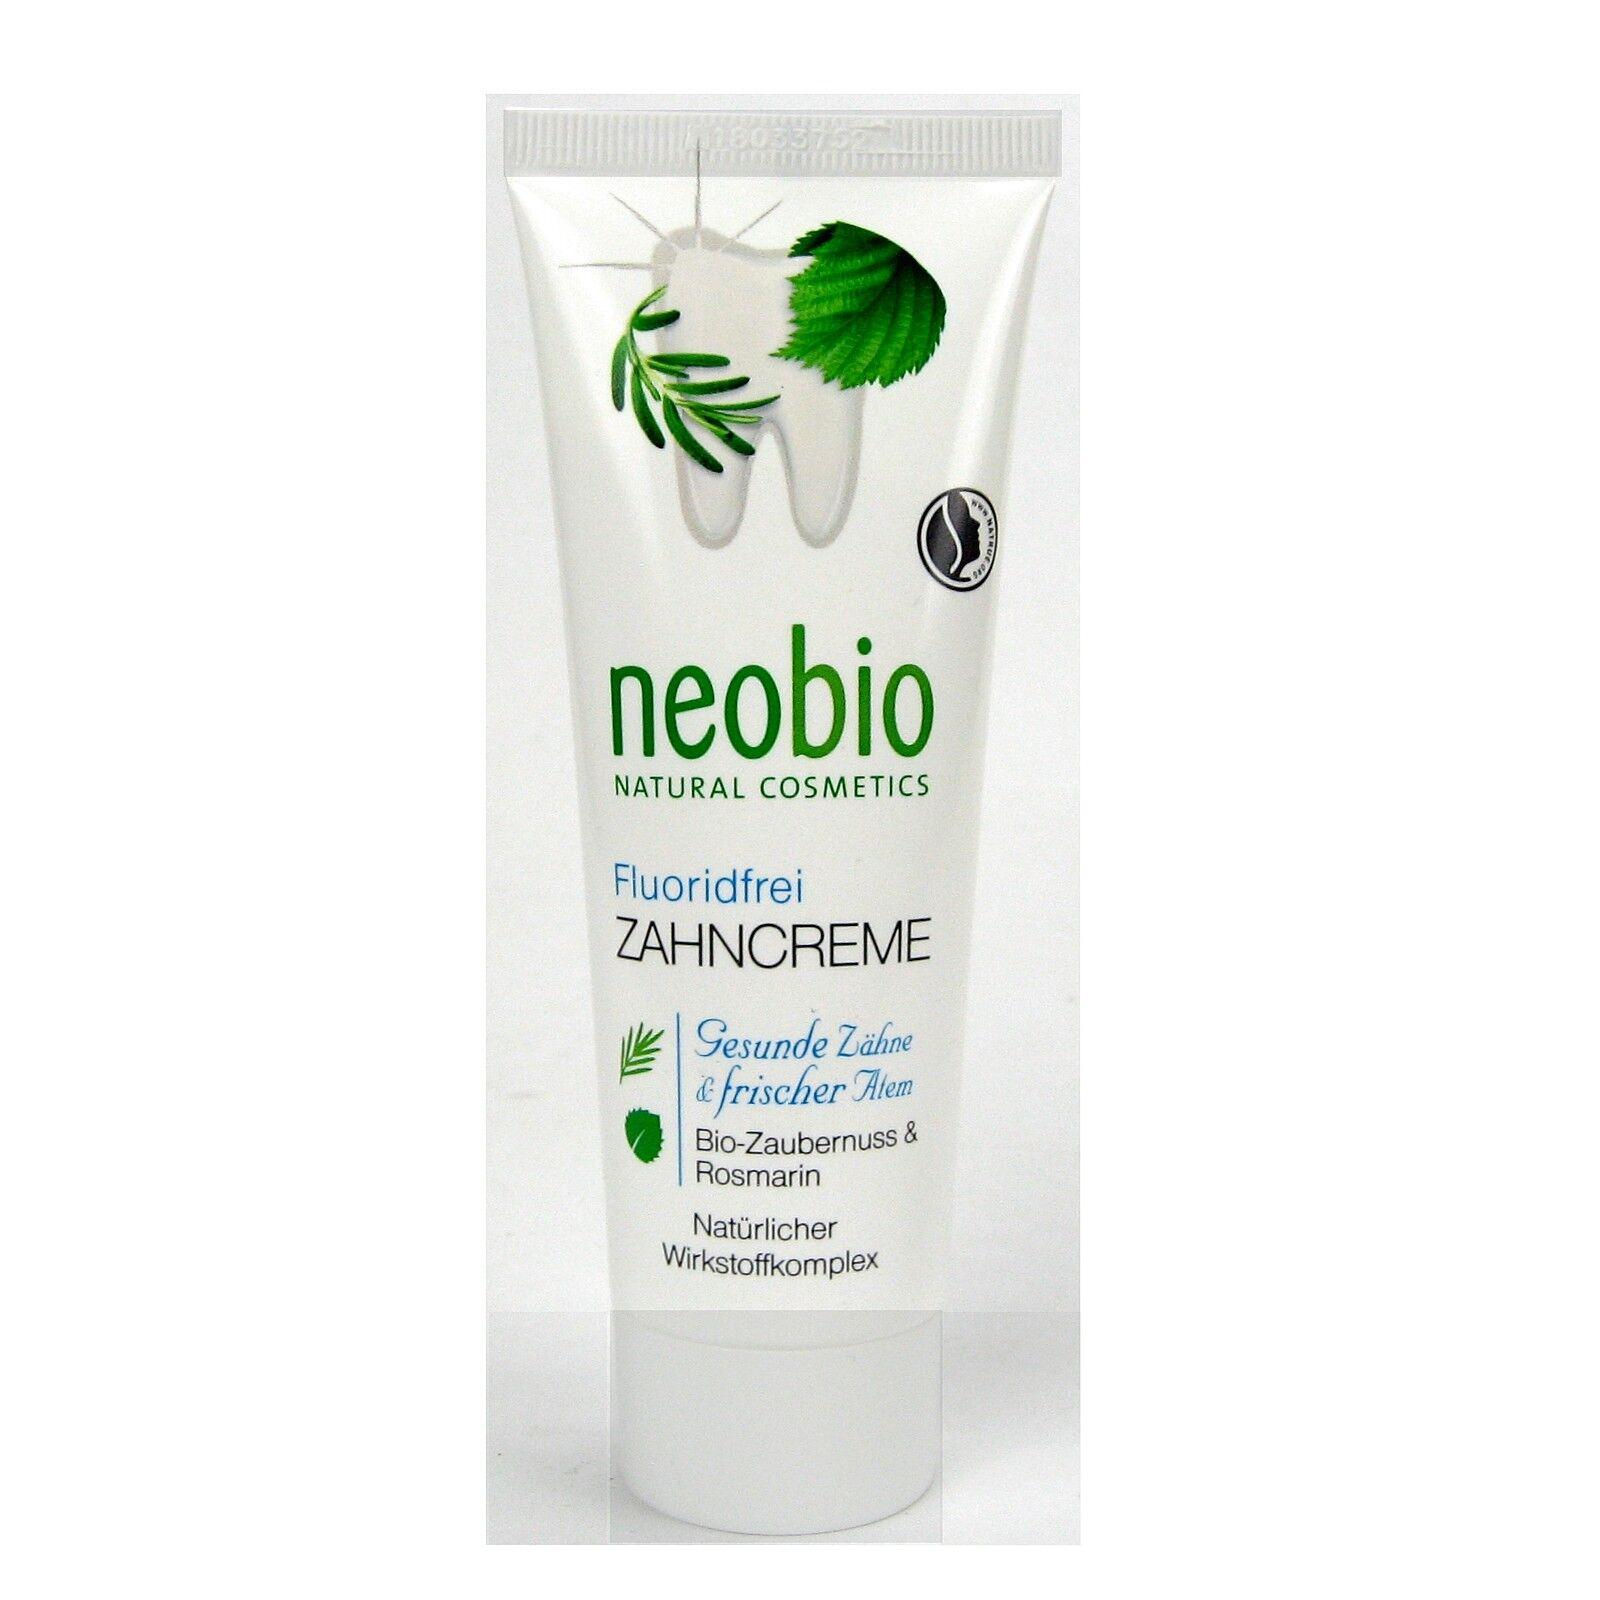 (8,05/100ml) 3x Neobio Zahncreme fluoridfrei ohne Fluorid 75 ml